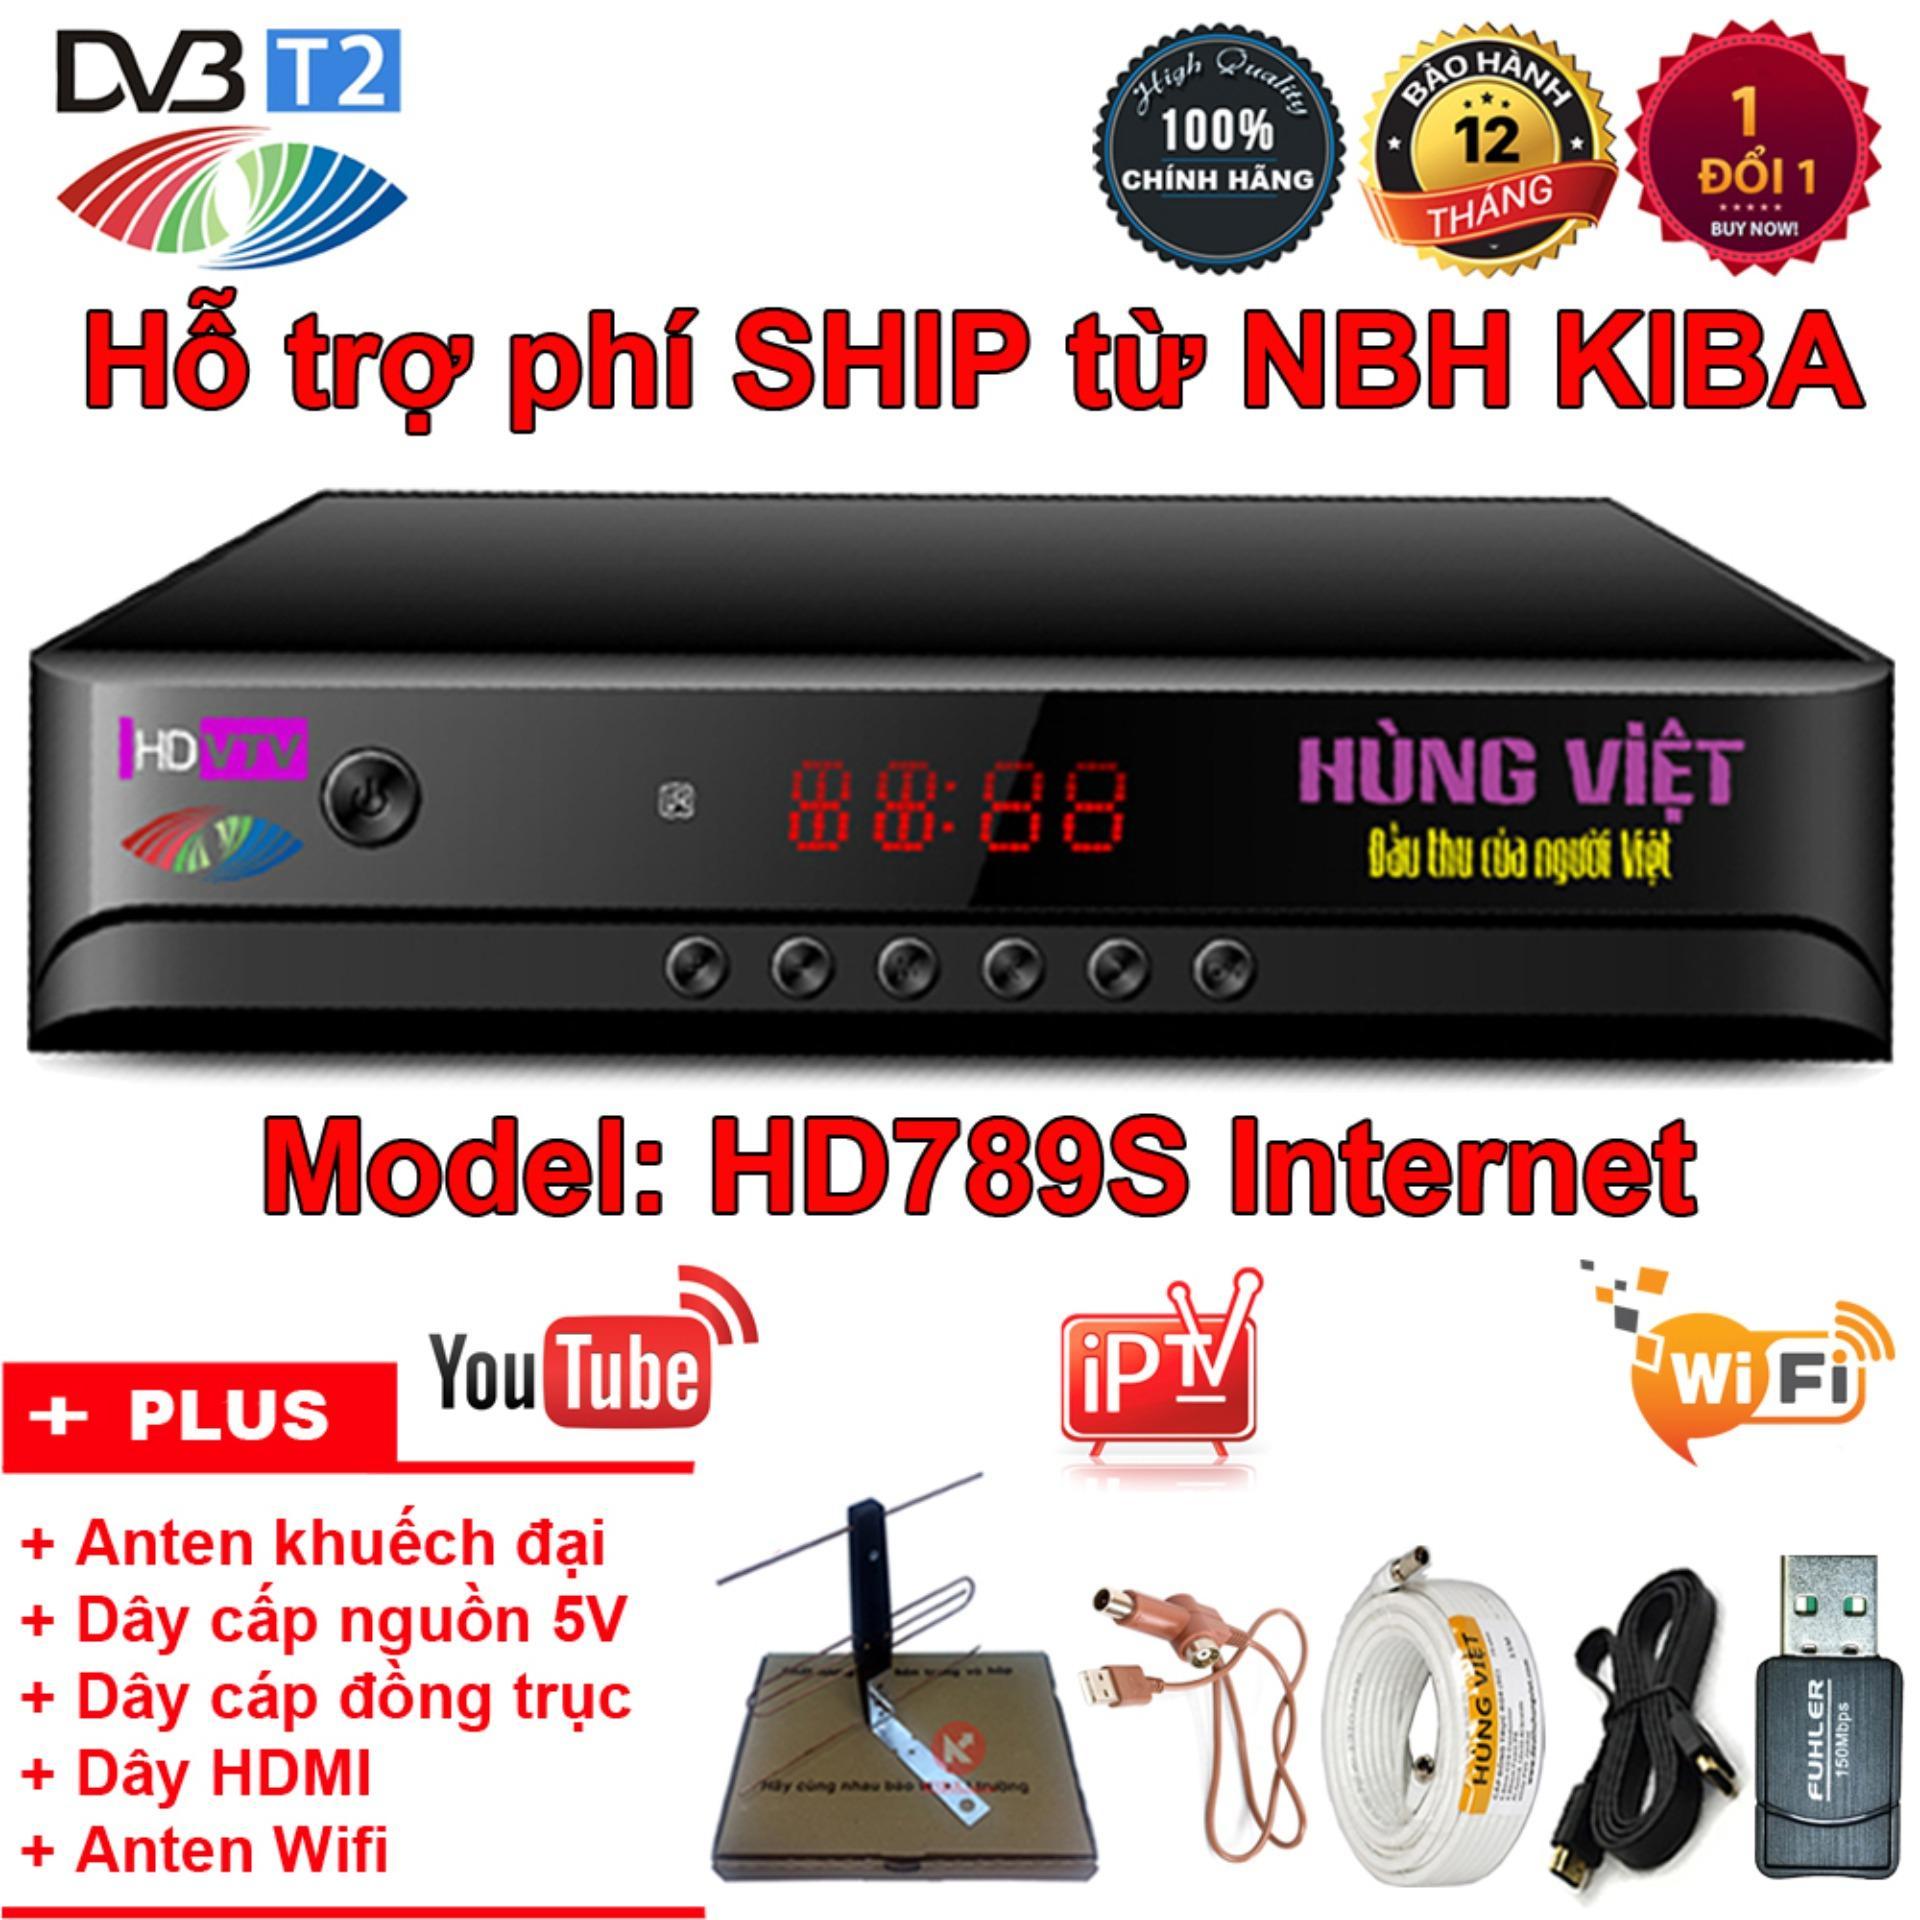 Hình ảnh Đầu kỹ thuật số Hùng Việt HD789S-INTERNET xem Youtube và IPTV + Anten khuếch đại + Dây cấp nguồn Anten + 15m Dây cáp anten + Dây HDMI + Anten Wifi